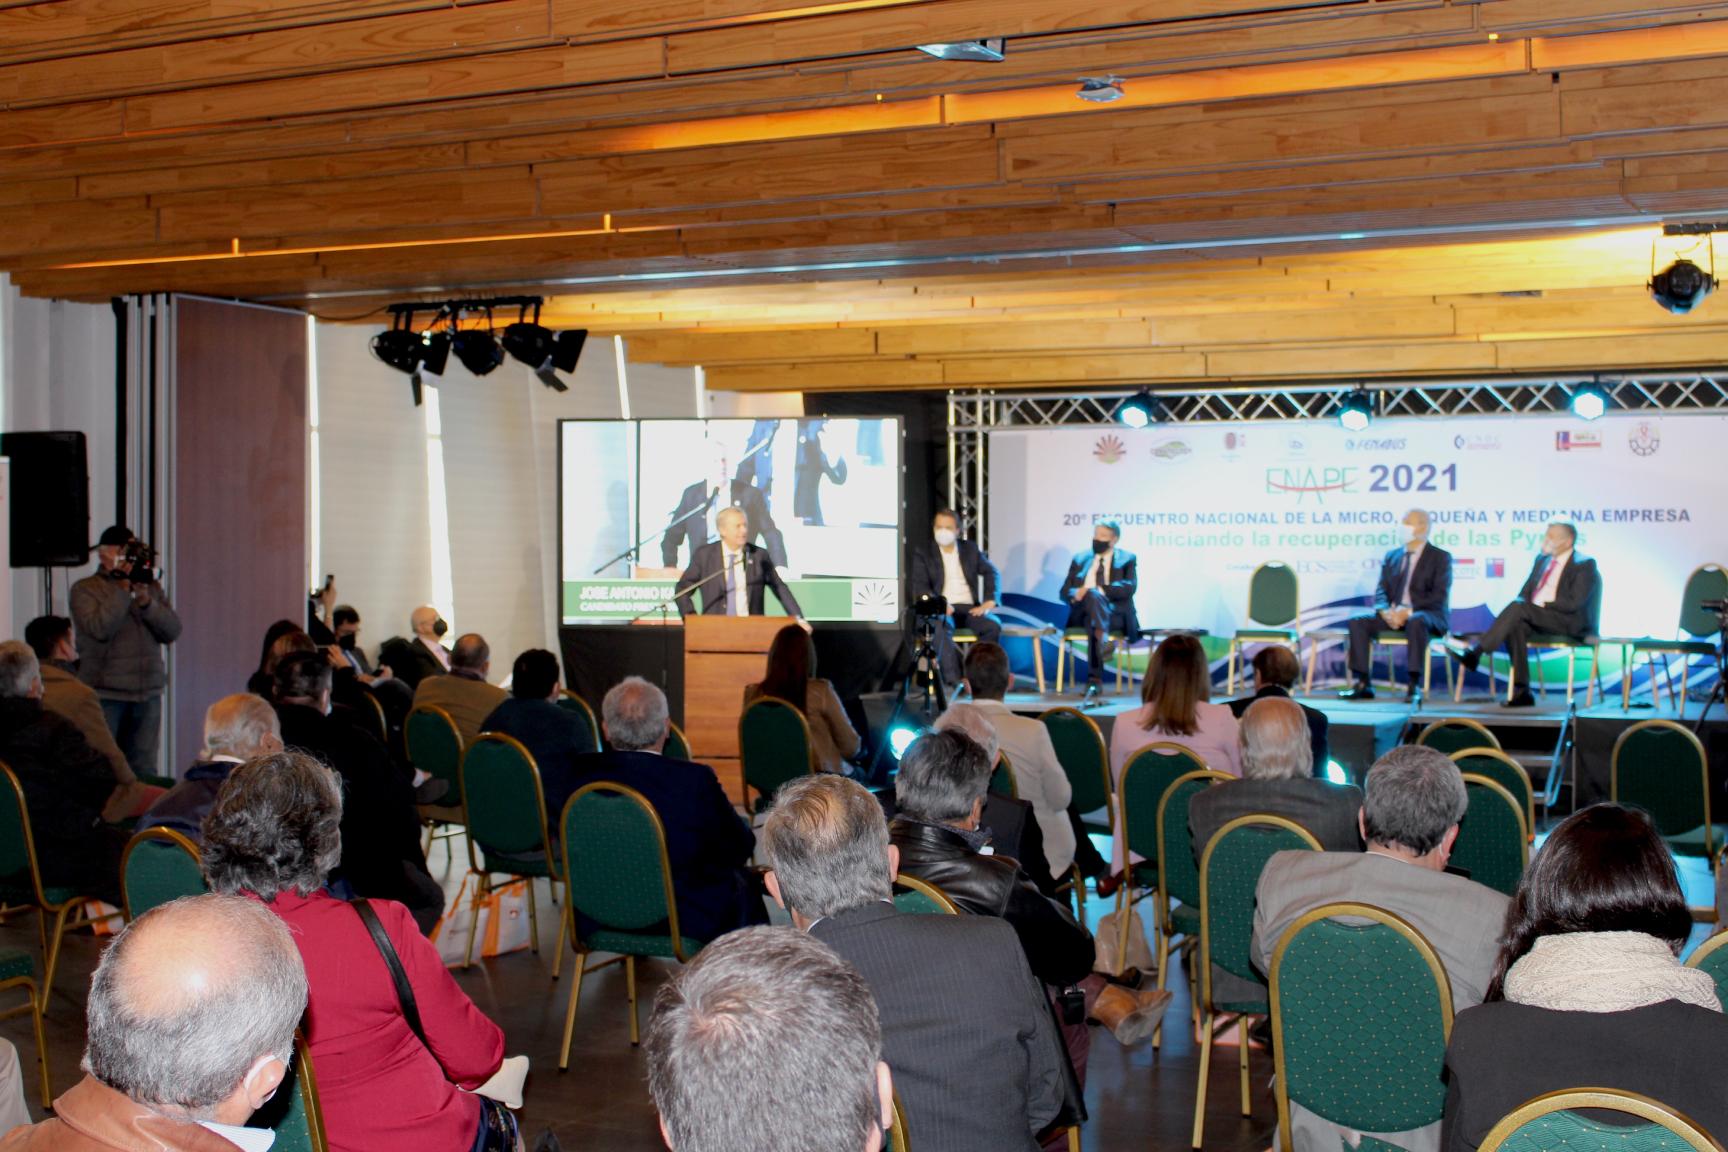 Escuela de Comercio - Escuela de Comercio auspició el 20°Encuentro Nacional de la Micro, Pequeña y Mediana Empresa de Chile.